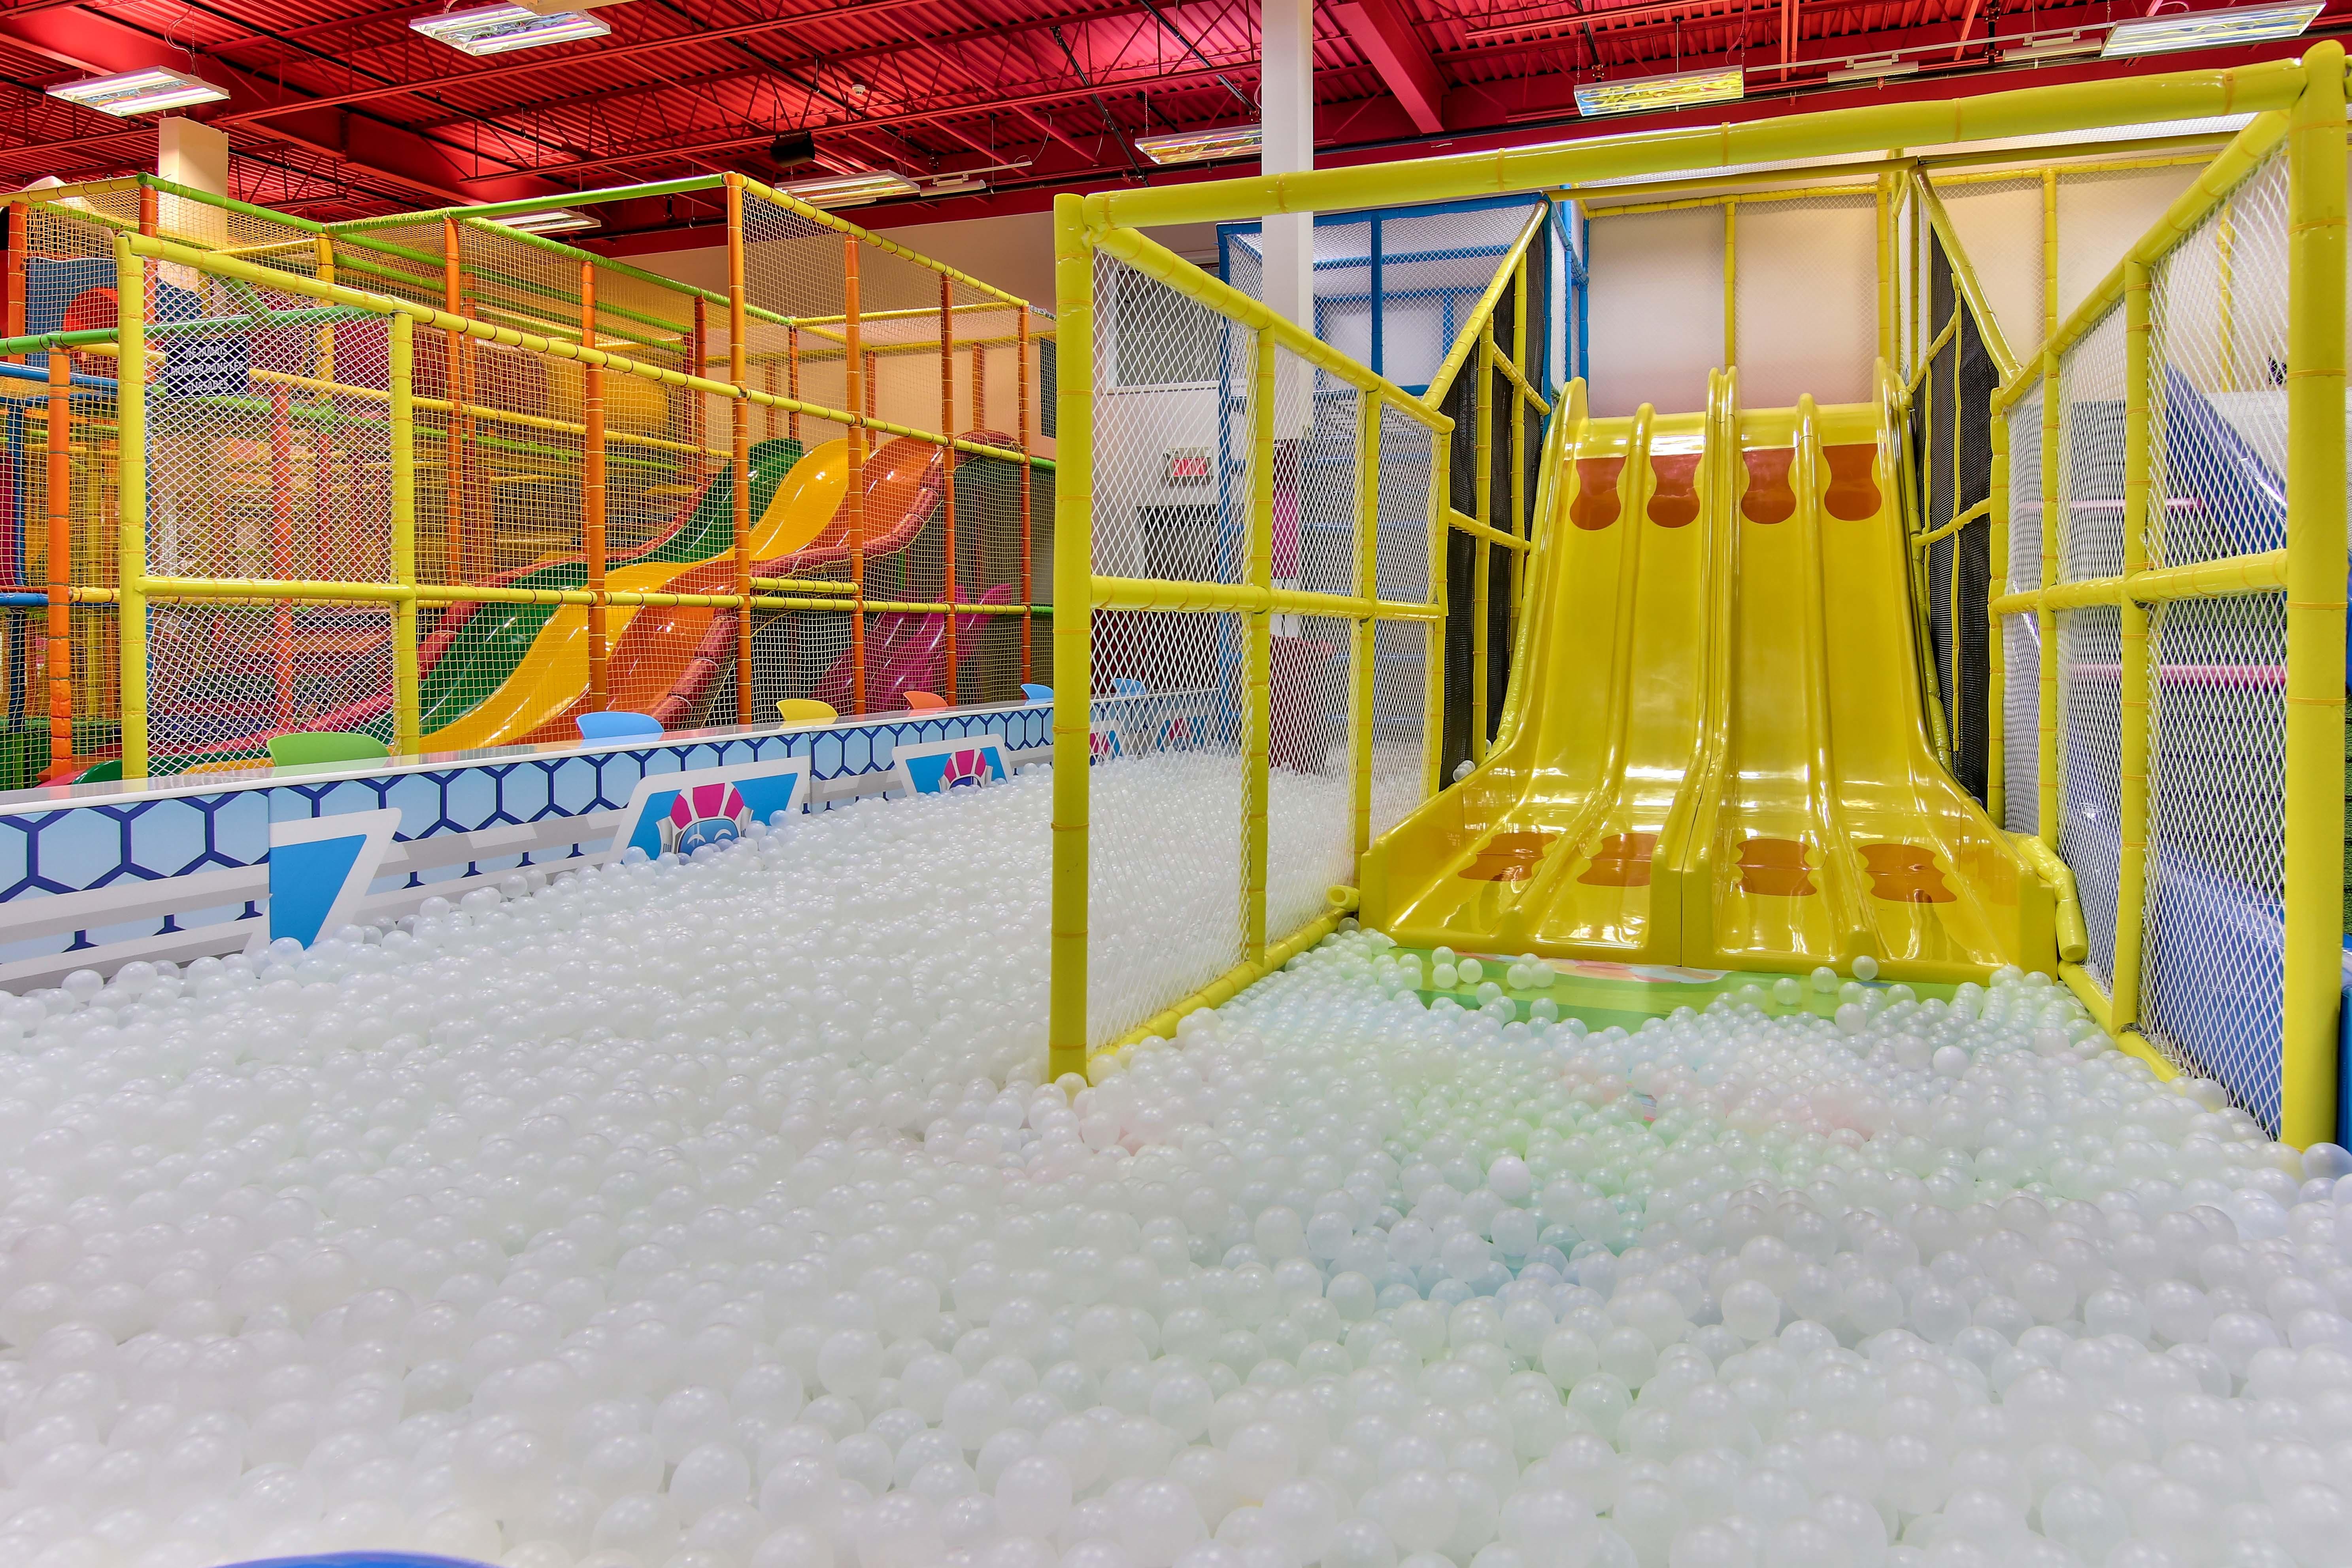 Labyrinthe , toboggan , piscine à balles , modules de jeux intérieur , glissade sur tube intérieur